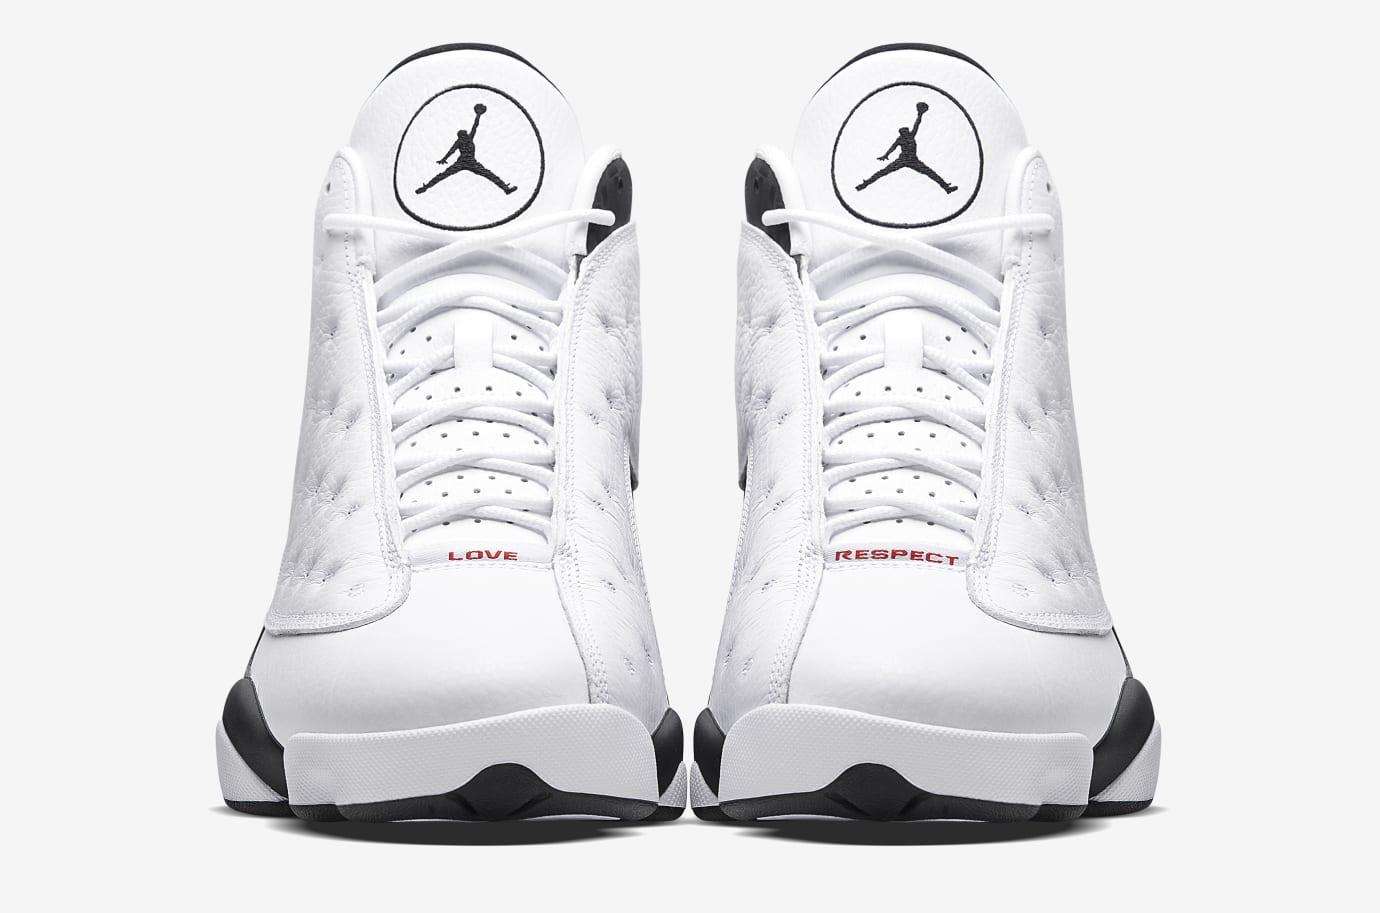 Air Jordan 13 Love Respect White Front